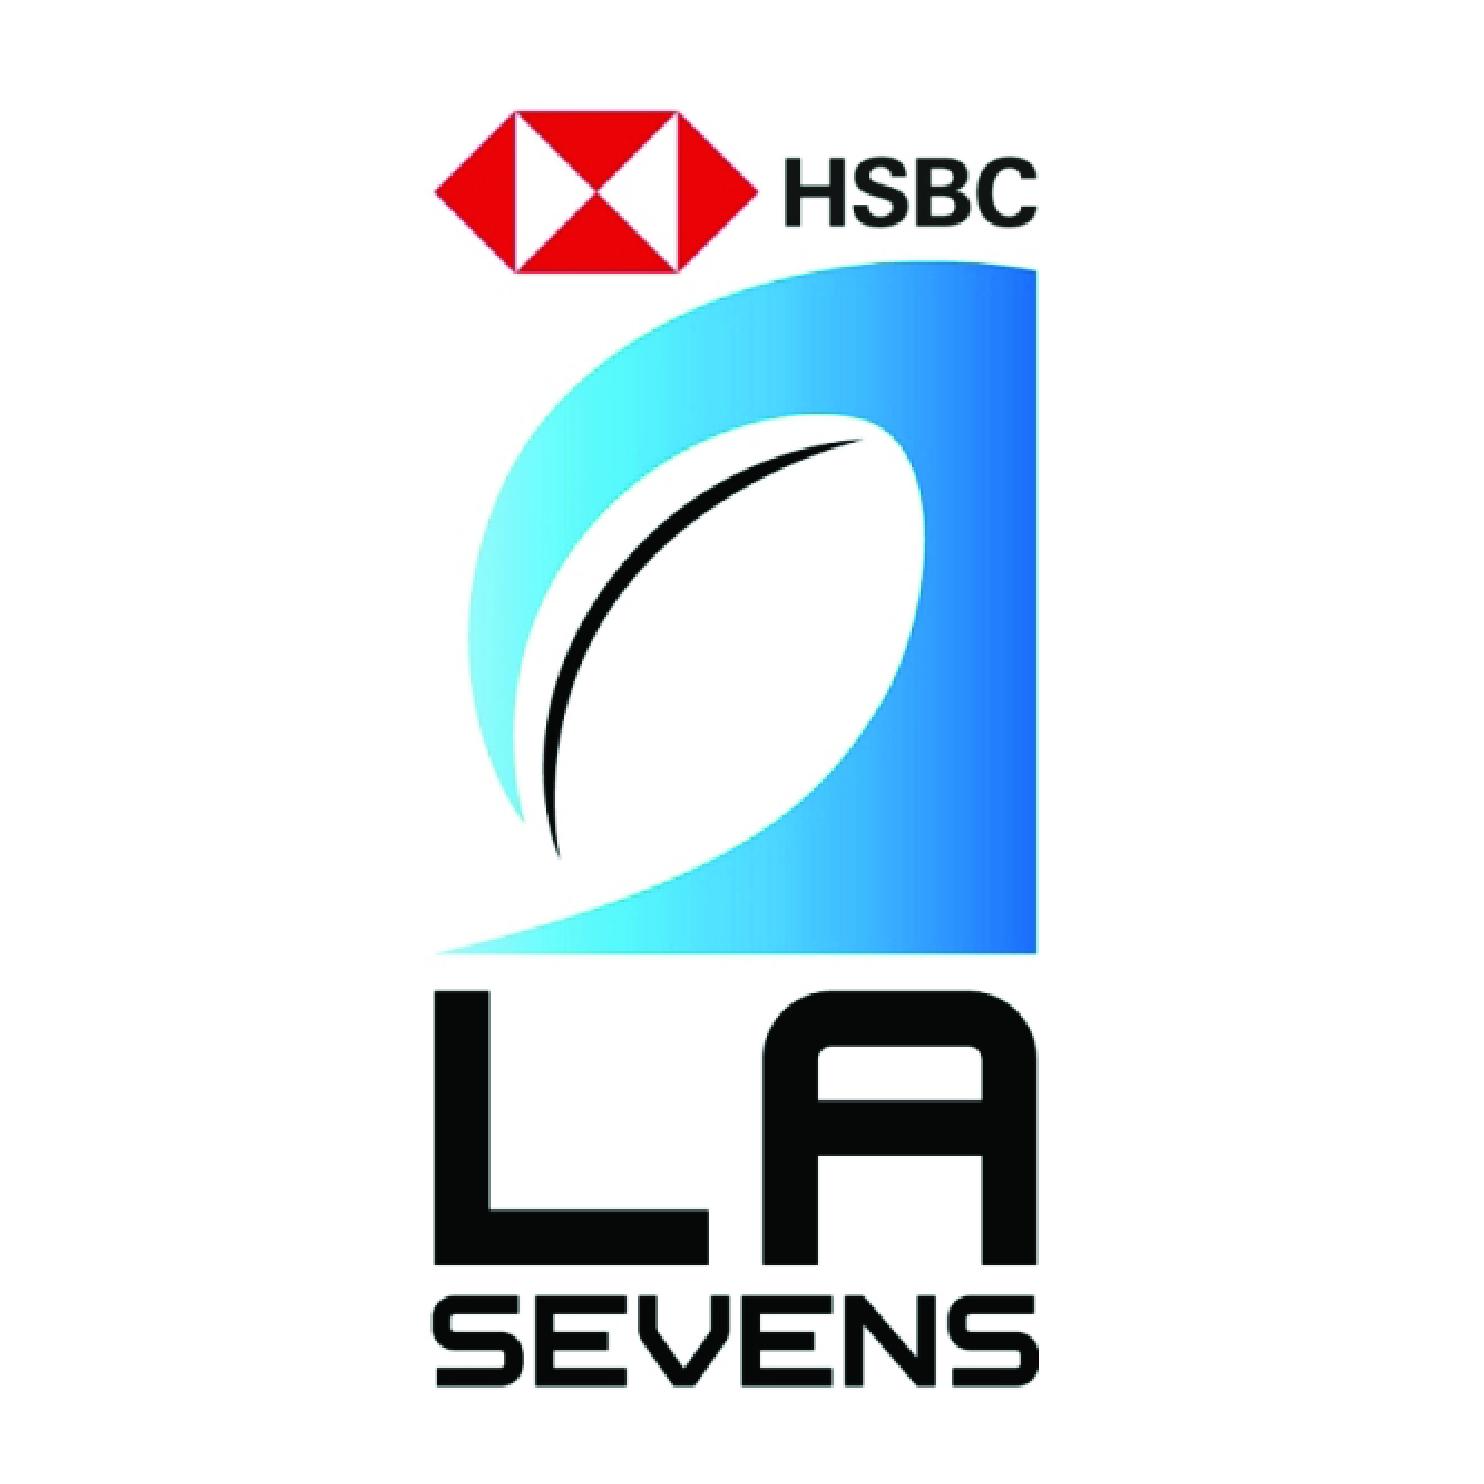 HSBC LA Sevens